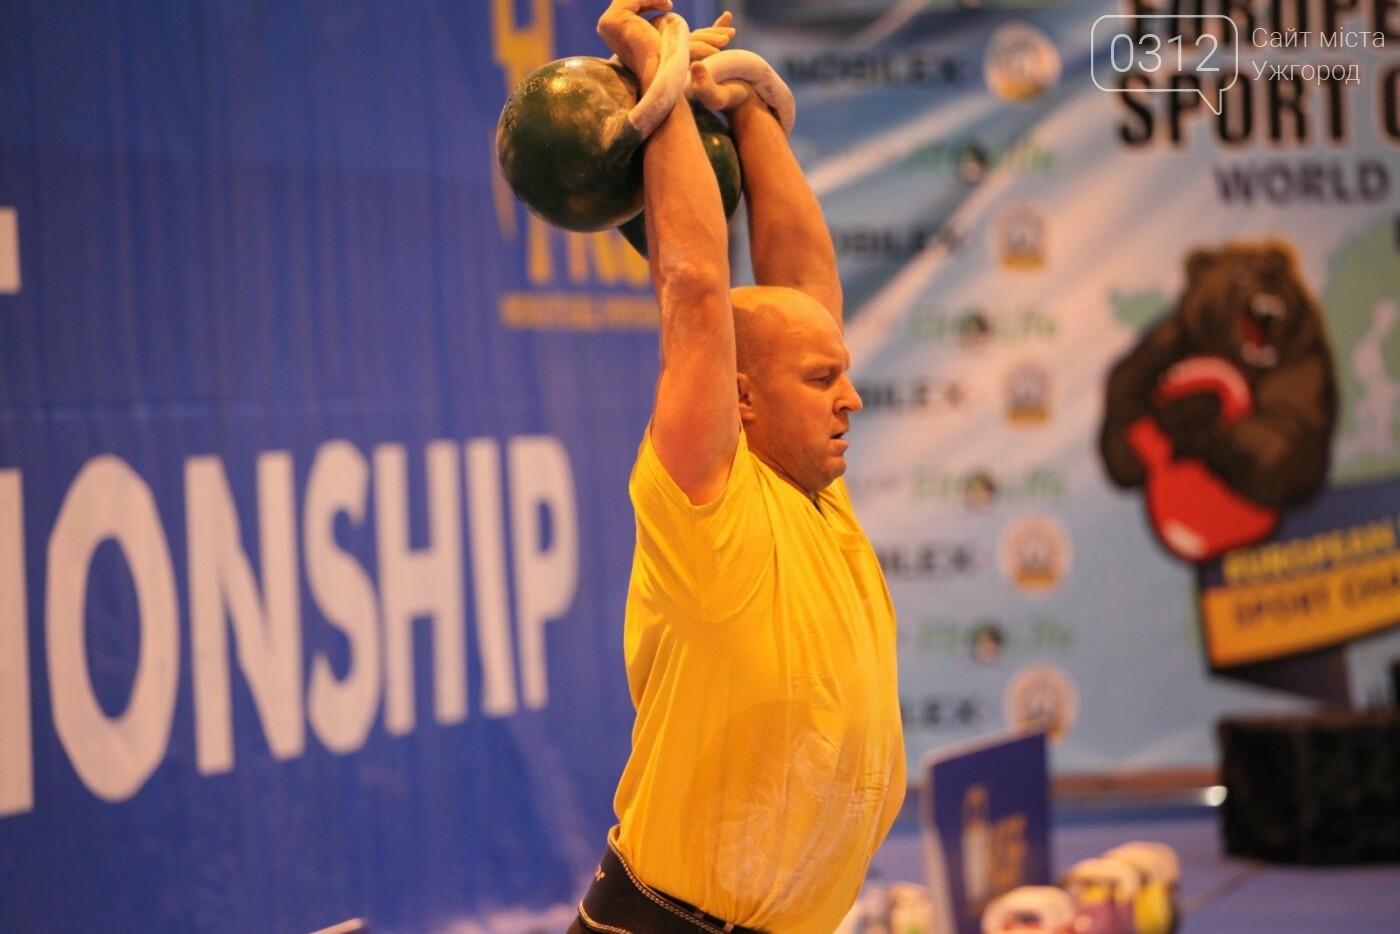 Троє закарпатців вибороли золото на Чемпіонаті Європи з гирьового спорту (ФОТО), фото-7